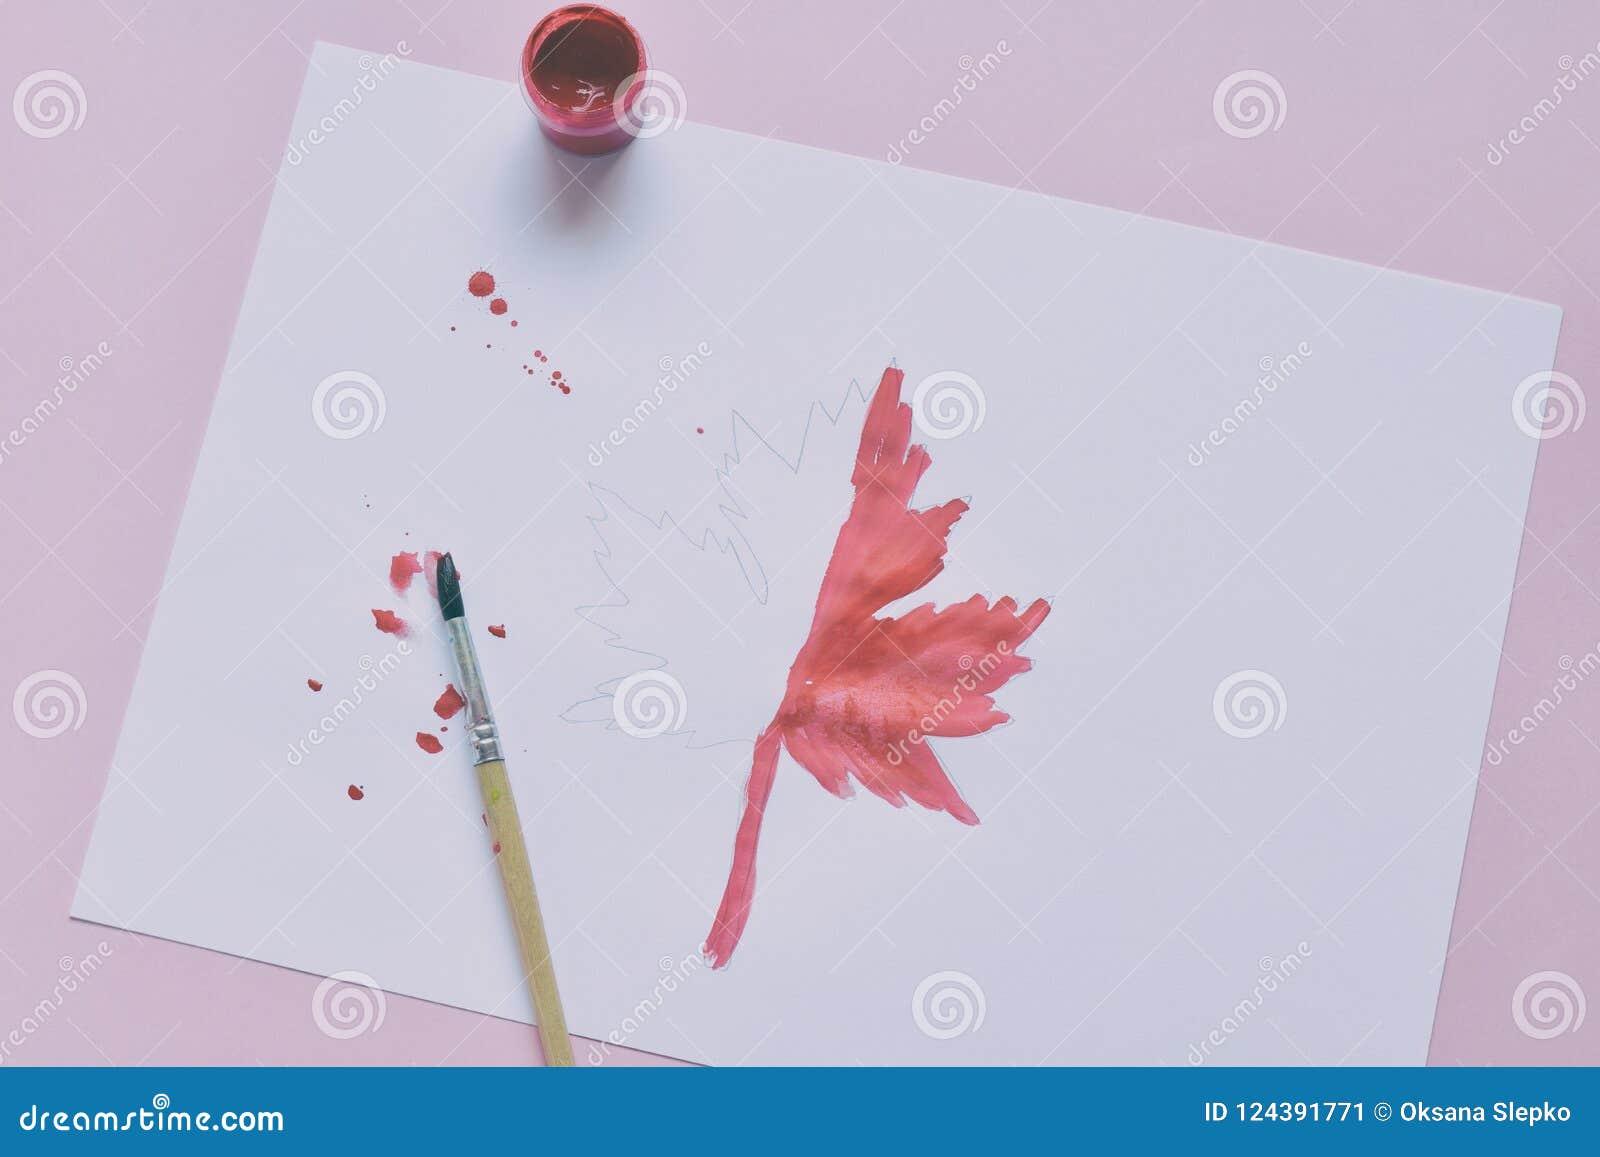 Halva-målad lönnlöv, målarfärg och borste Oavslutat arbete quitter Passerande av svårigheter hösten tappar melankoliskt förser me